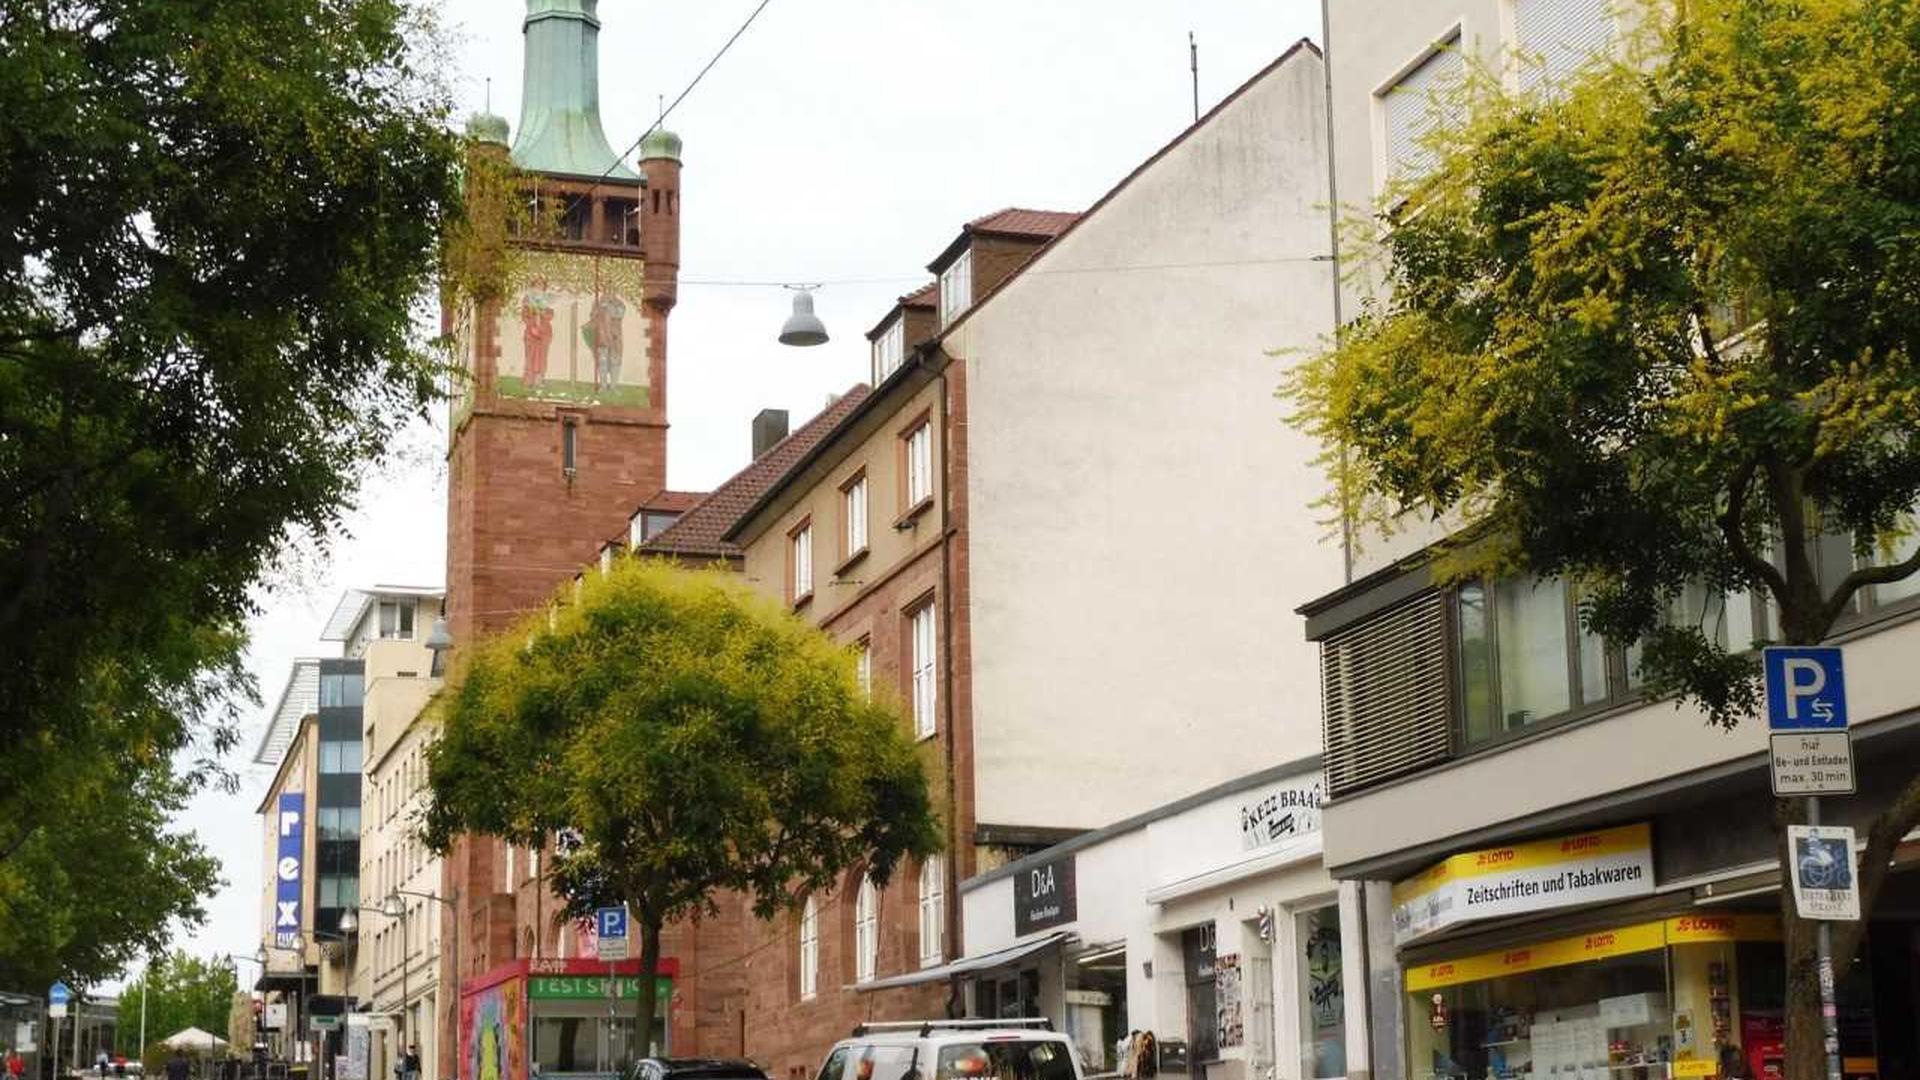 """Auch nach über 70 Jahren noch ein Provisorium: das  Areal der ehemaligen """"Weinkellerei H. Brenk"""" an der  Bahnhofstraße."""